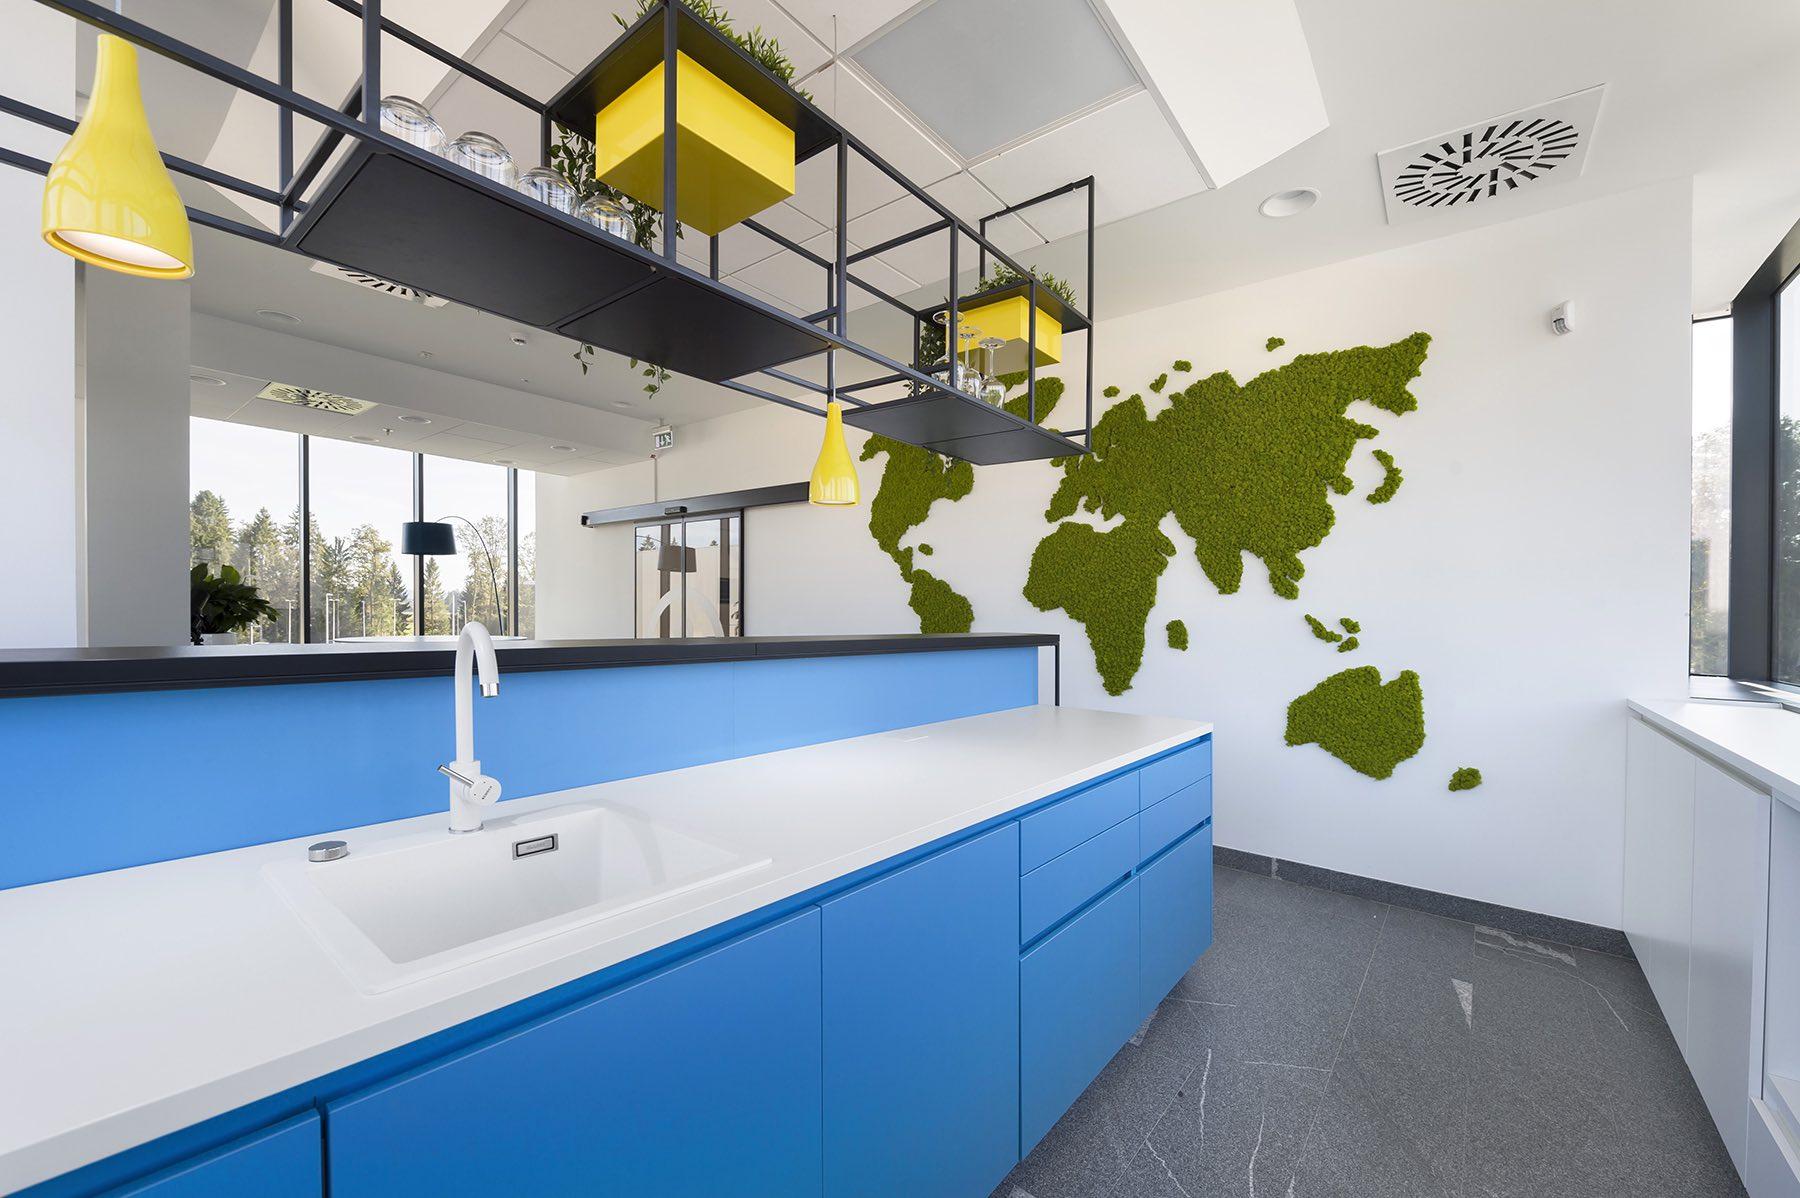 k-n-ljubljana-office-7